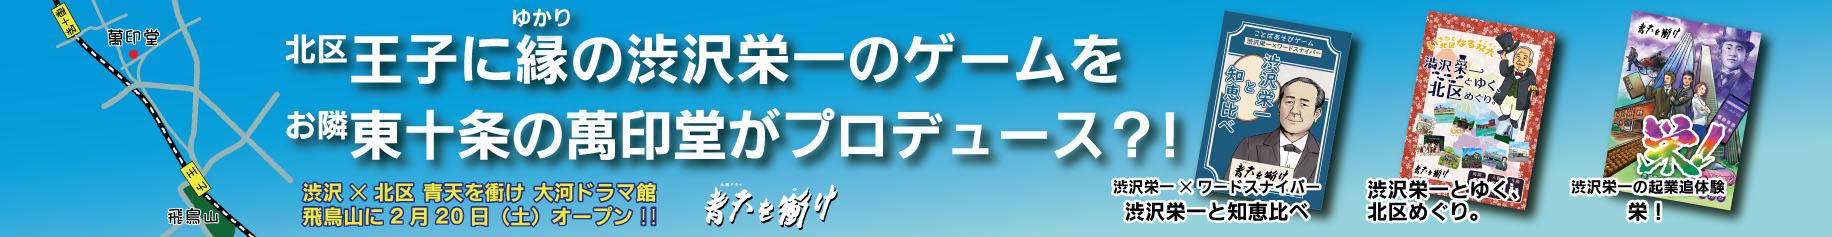 渋沢栄一ゲームをプロデュース